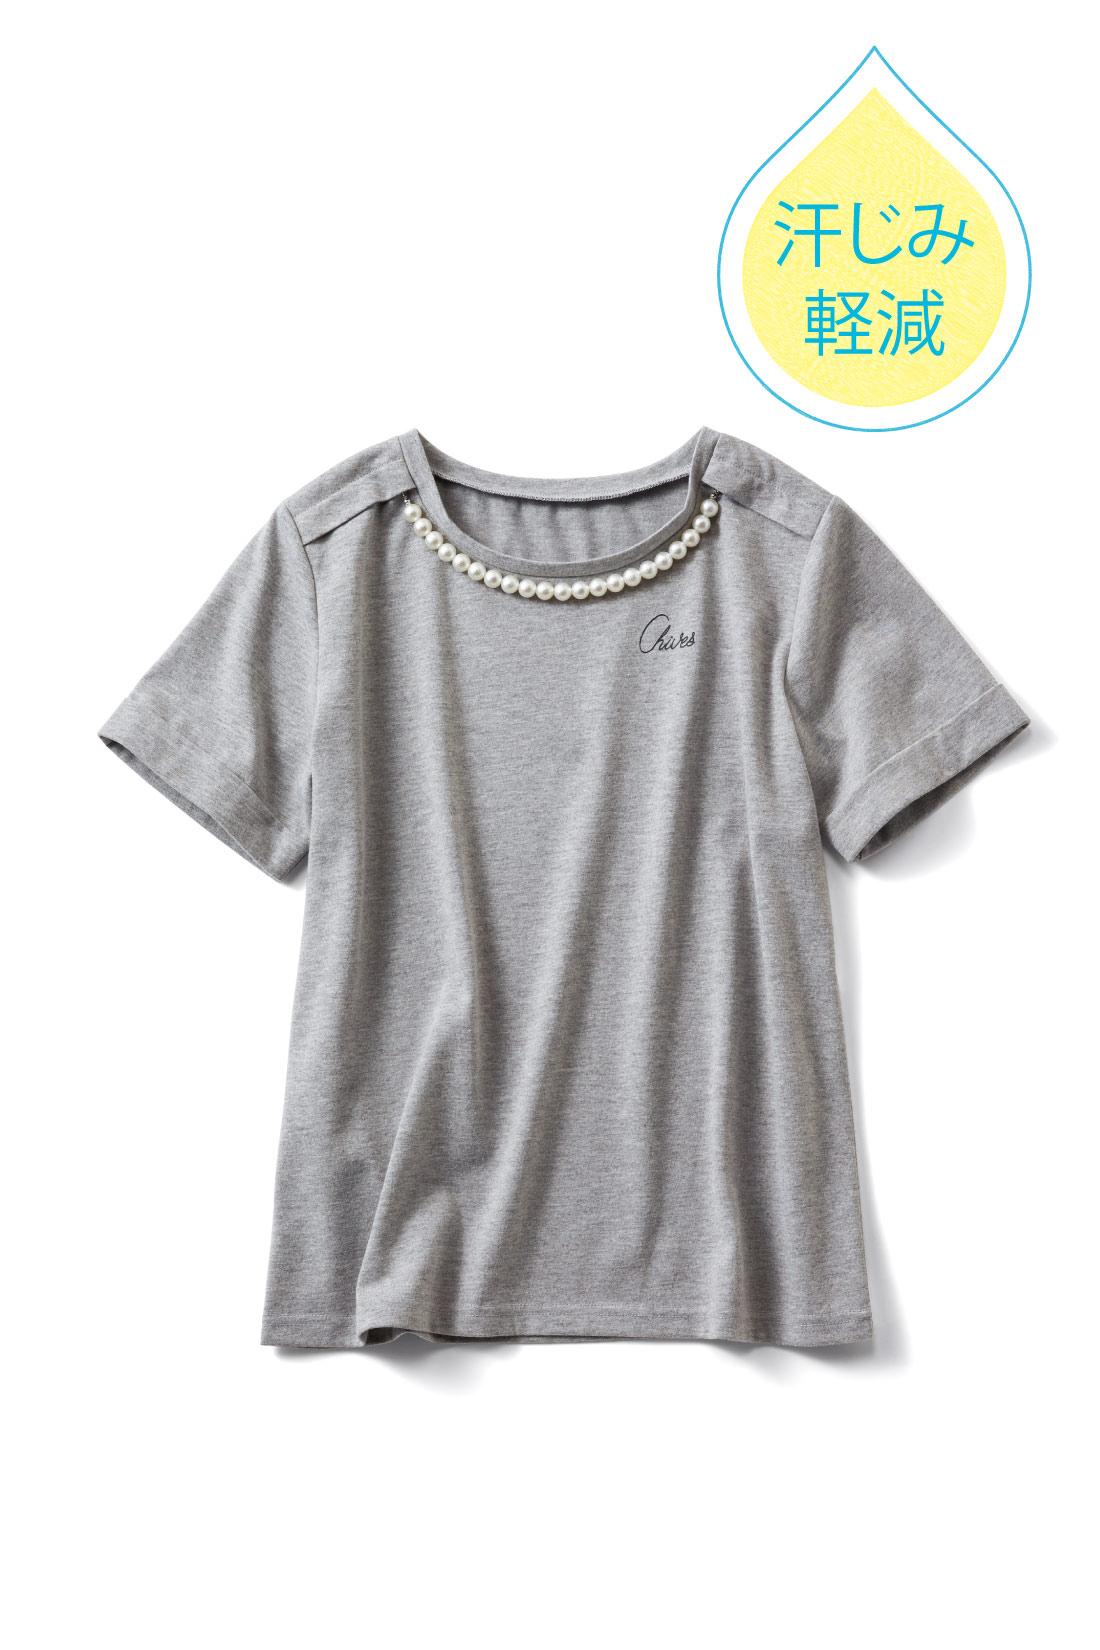 リブ イン コンフォート 汗じみが気にならない パール風モチーフ付きロゴTシャツ〈杢(もく)グレー〉